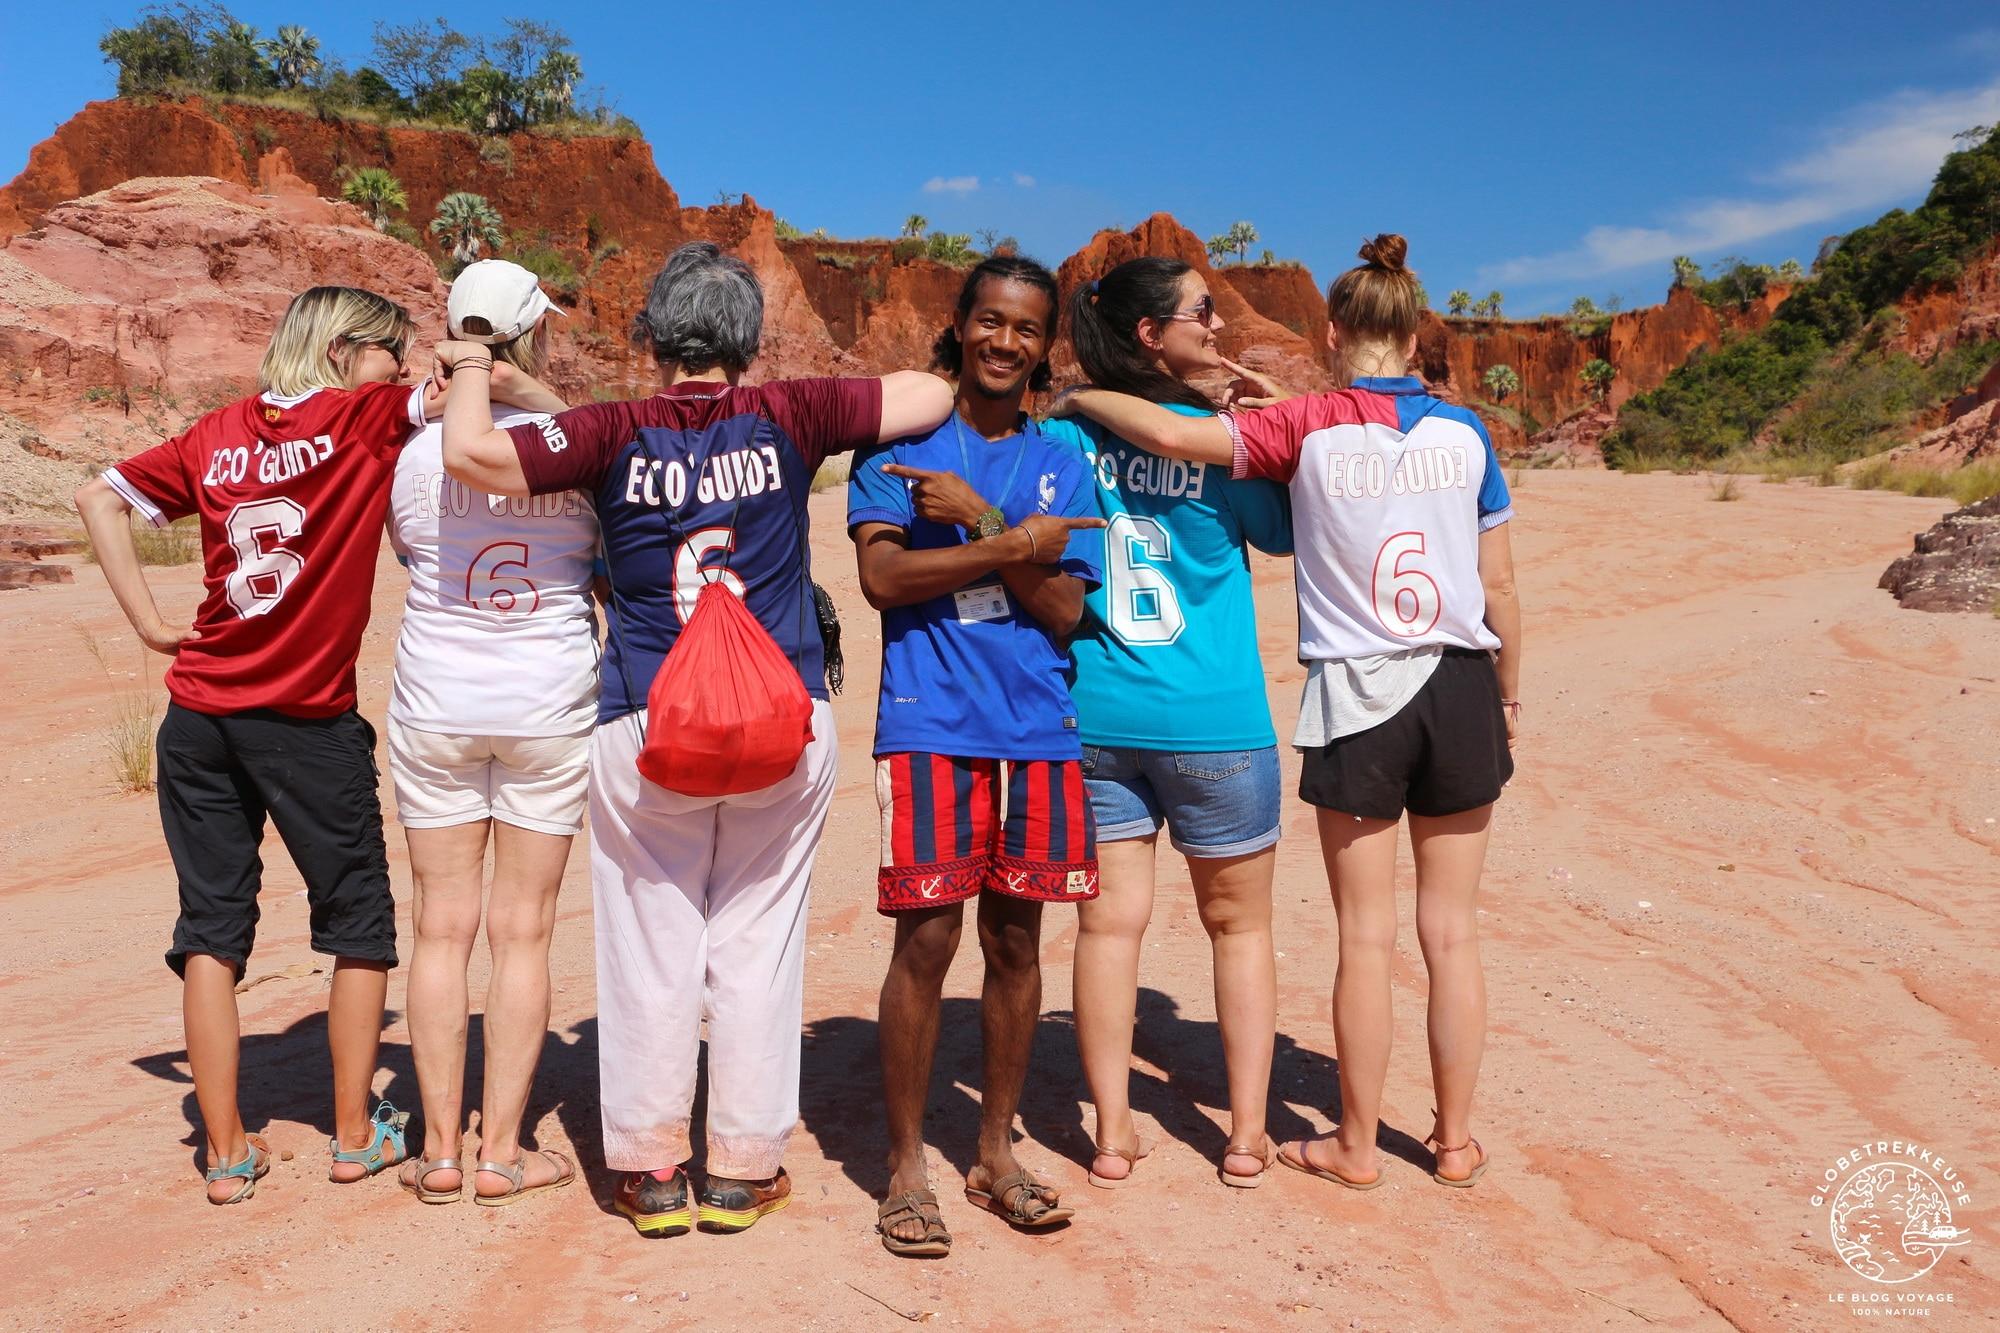 tourisme responsable madagascar ecoguide